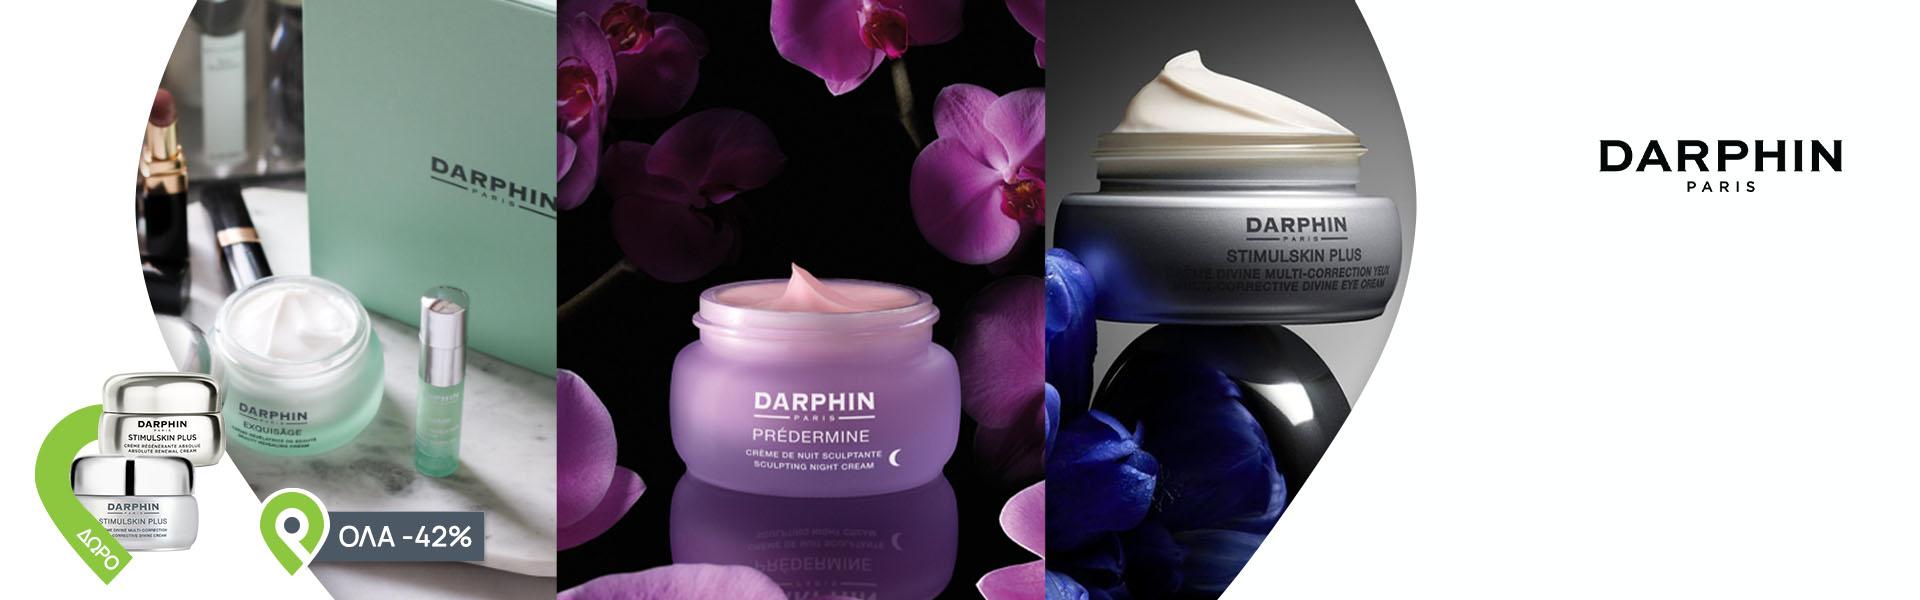 Mε 2 προϊόντα Darphin από τις σειρές Stimulskin, Predermine &Exquisage, ΔΩΡΟ ένα προϊόνStimulskin αξίας22€ της επιλογής σας